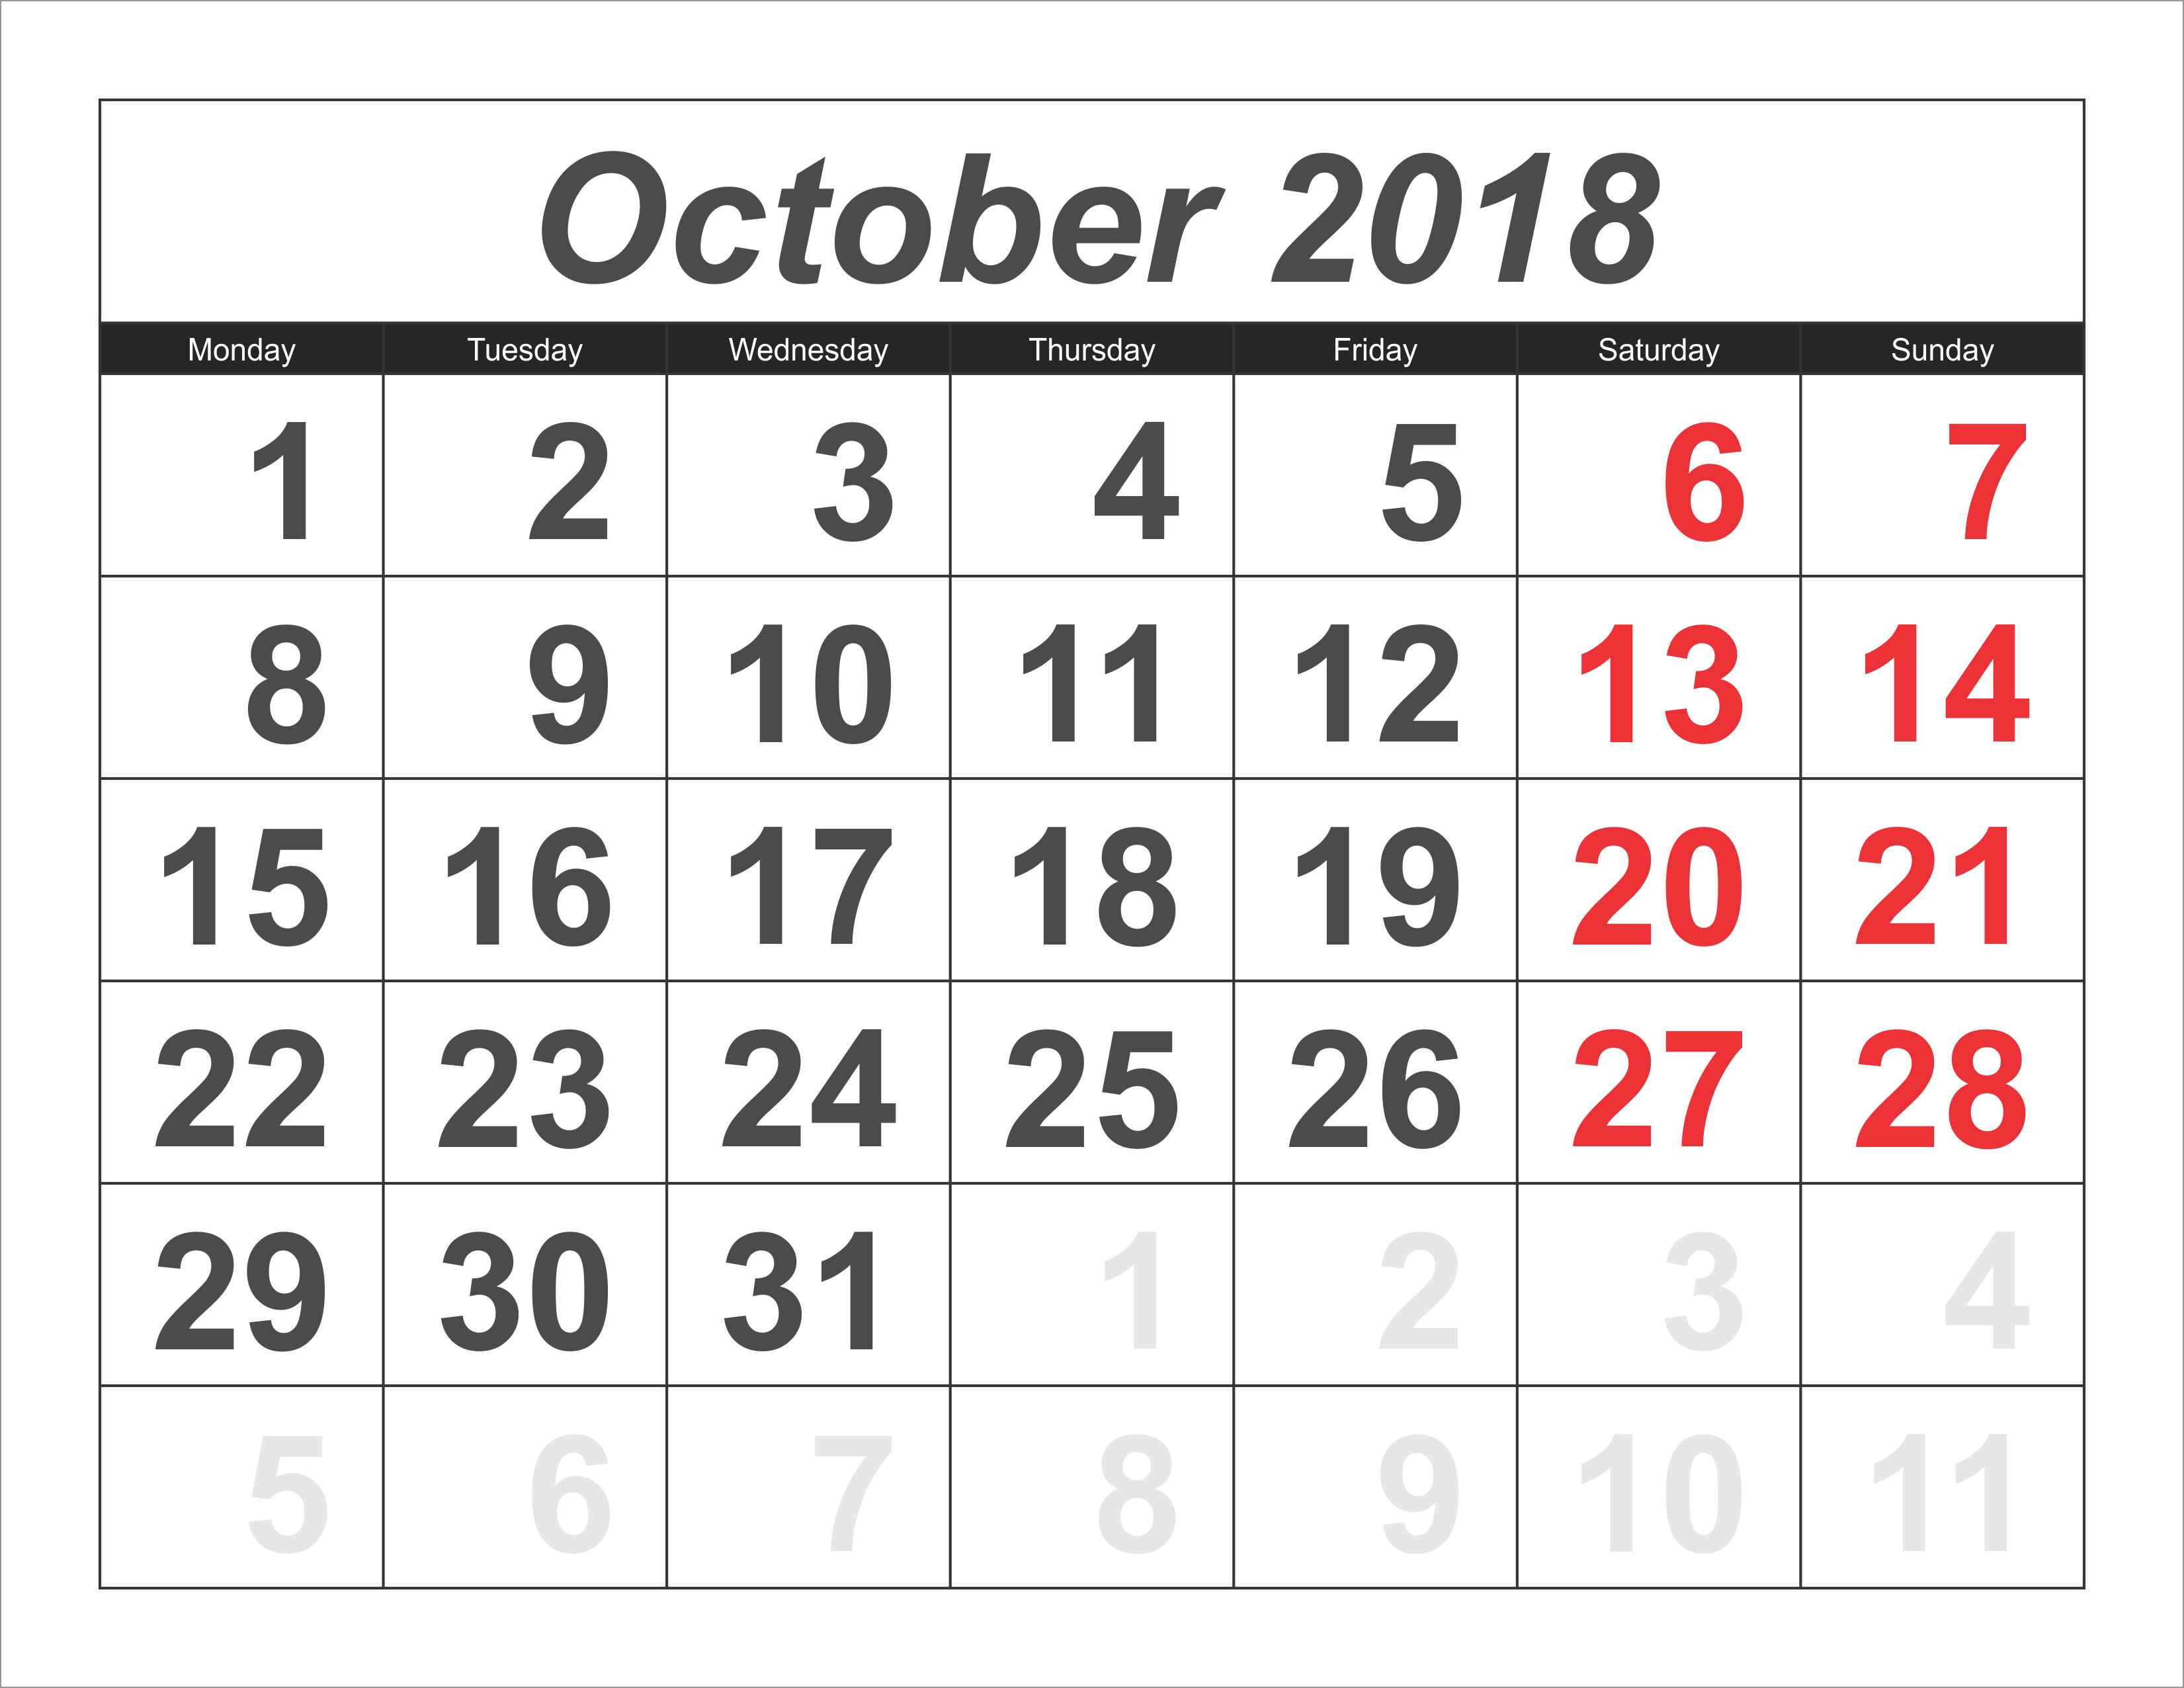 October 2018 Google Calendar October 2018 Calendar Pinterest